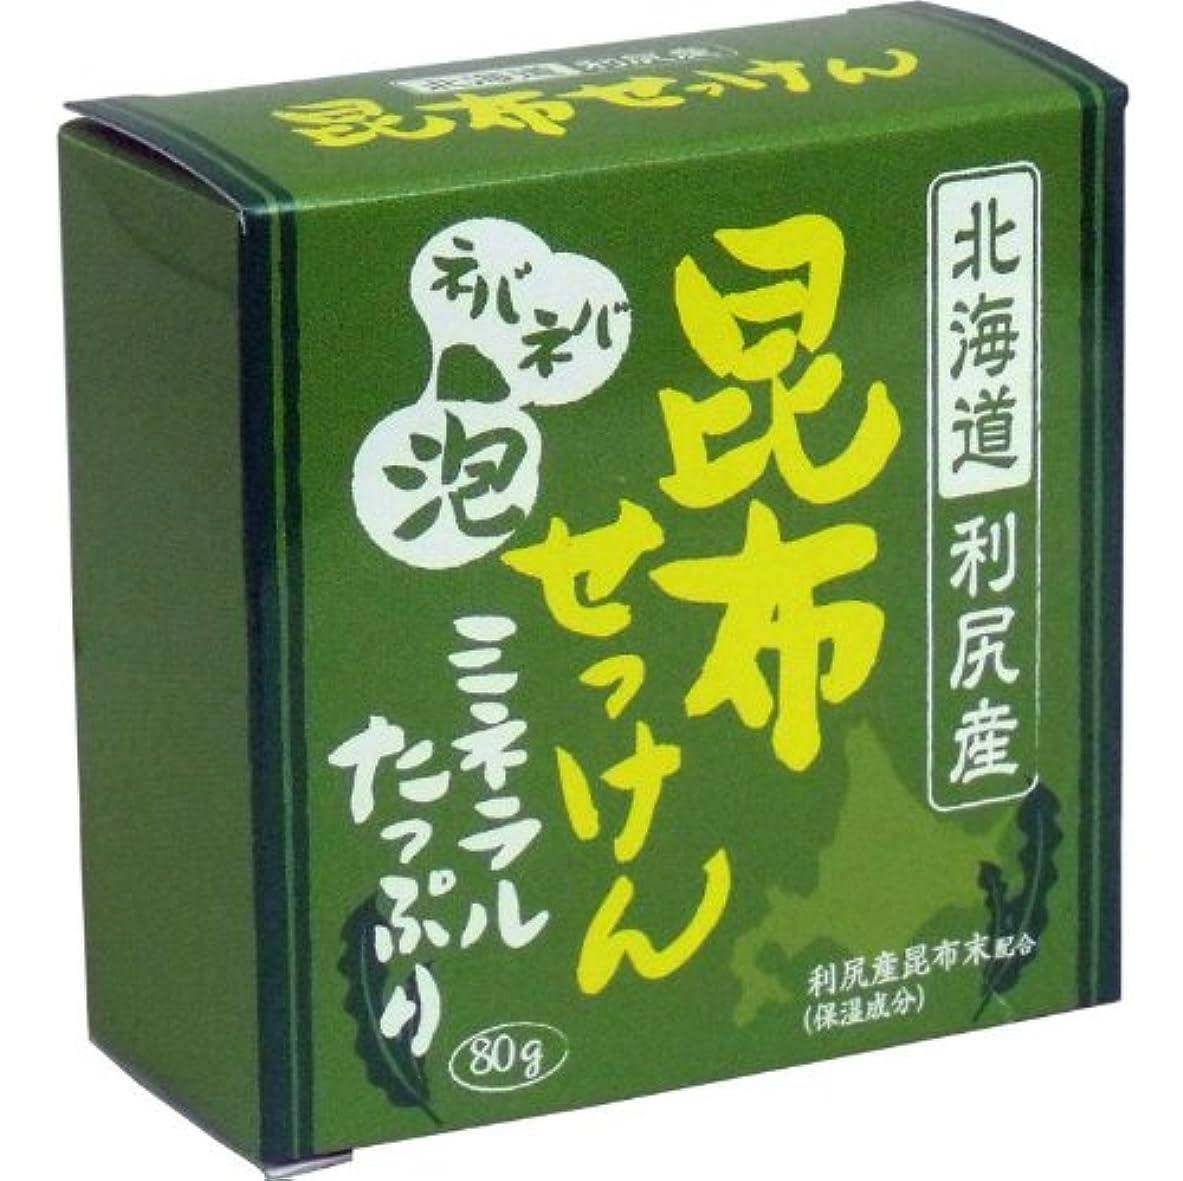 単調な皮肉な代表北海道利尻産昆布末配合!!ミネラルたっぷりの化粧石鹸です!3個セット